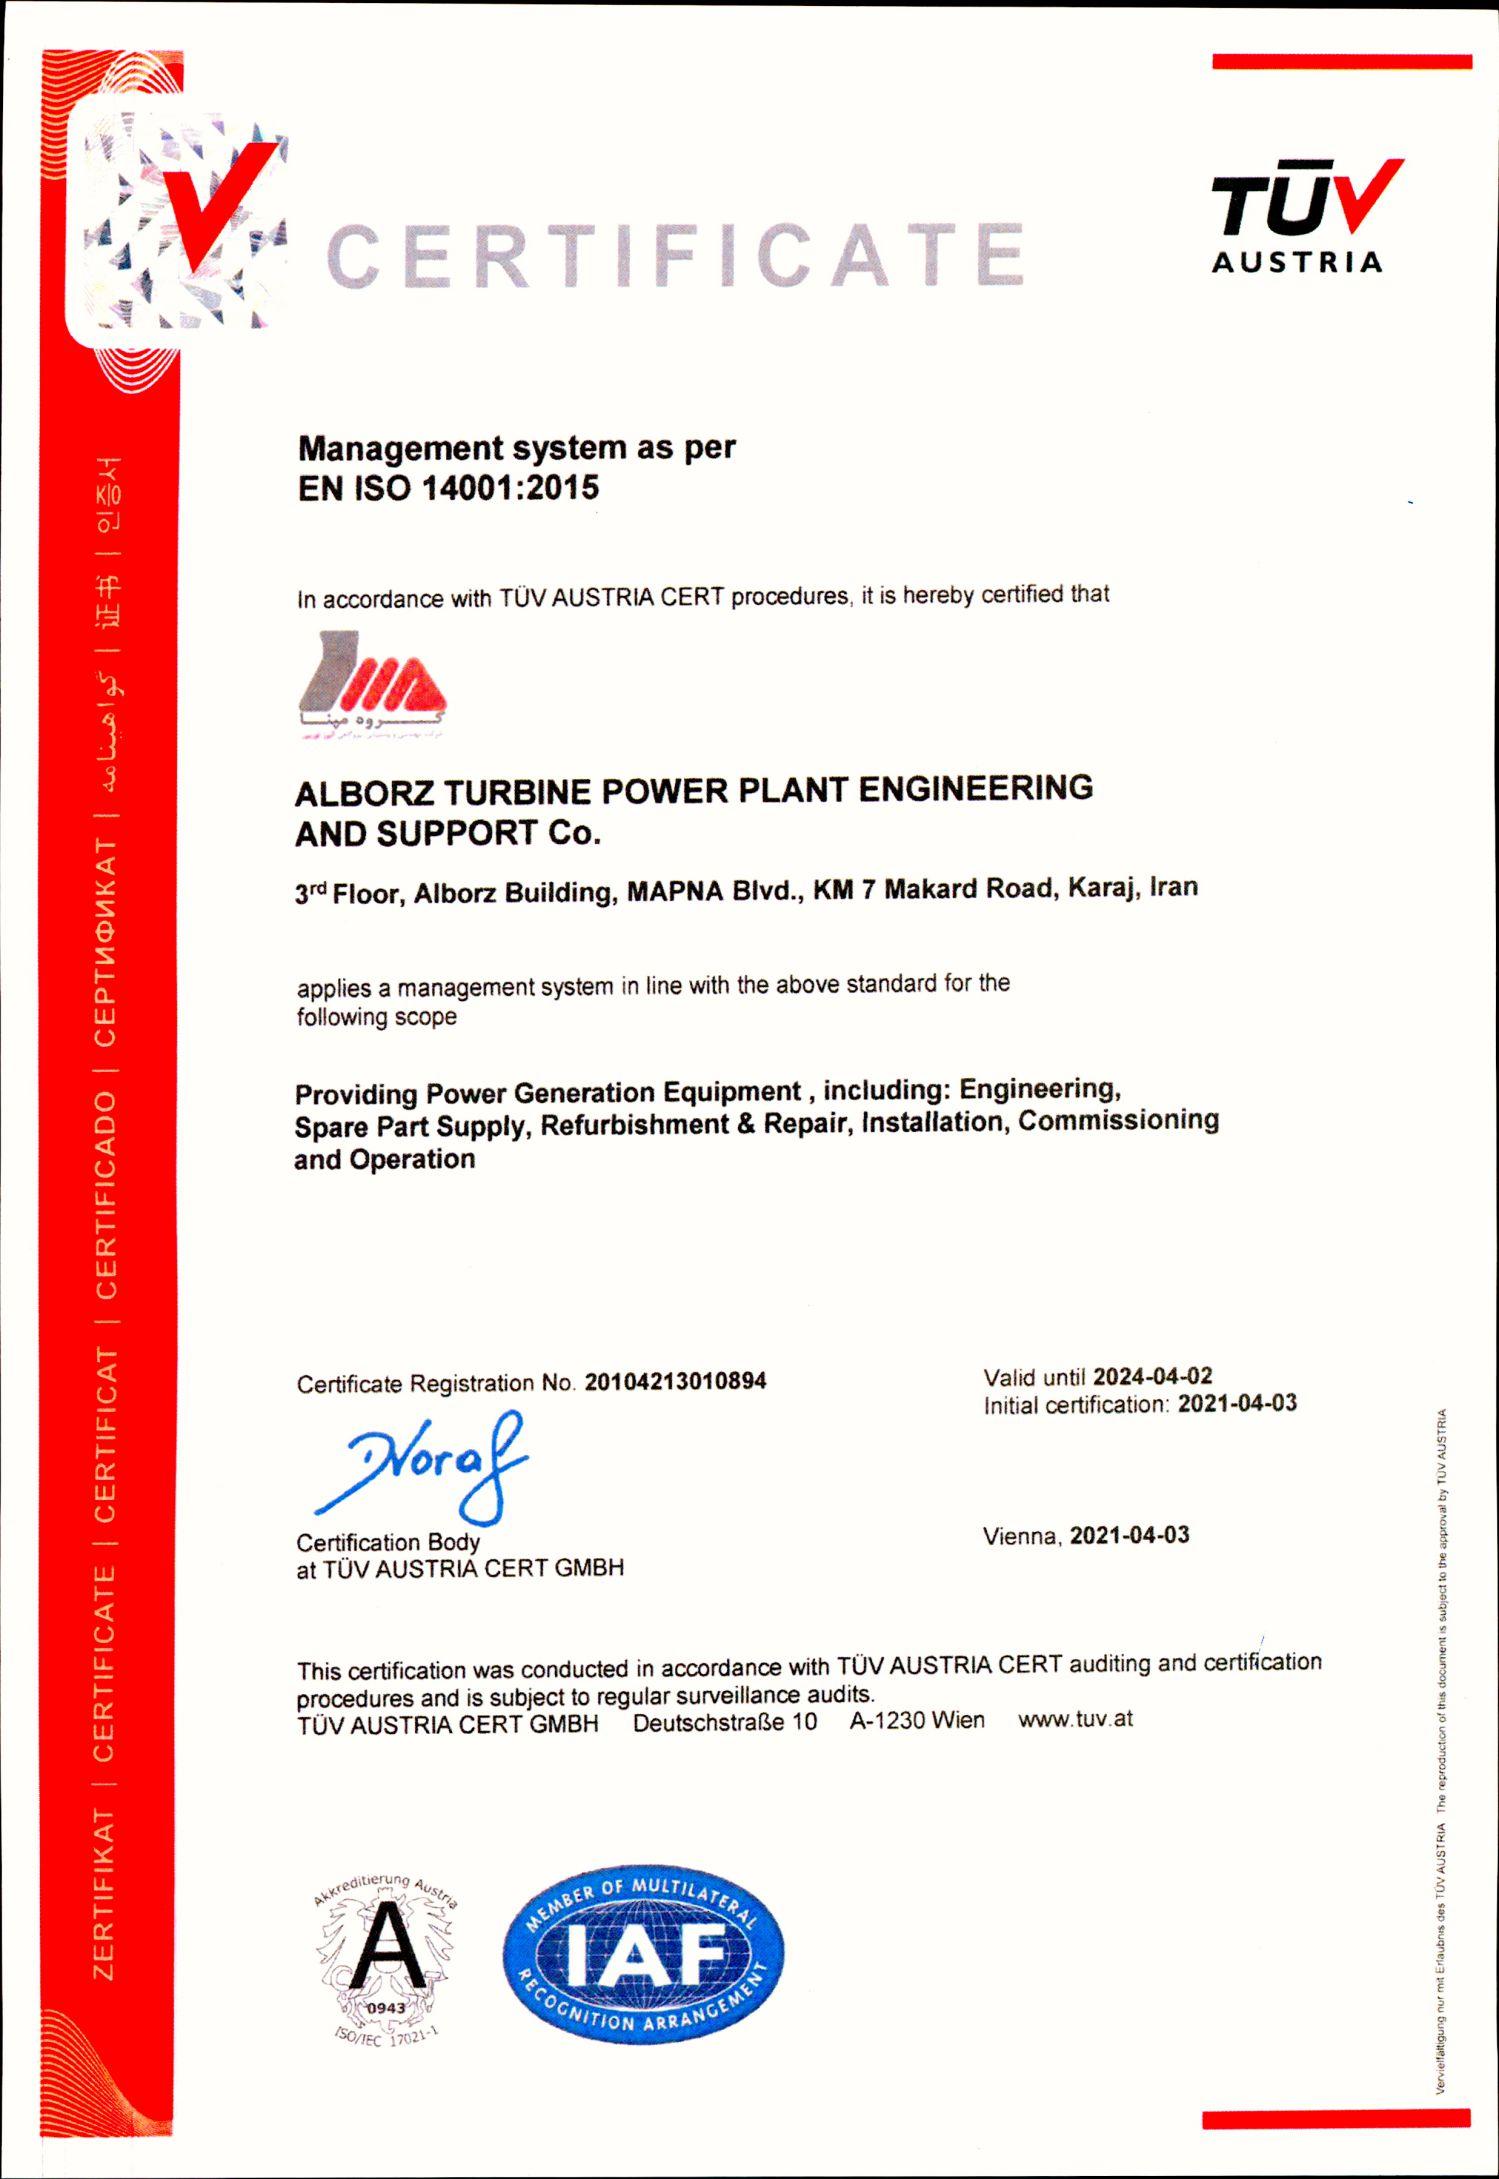 گواهينامه شركت البرز توربين - ISO14001-2015